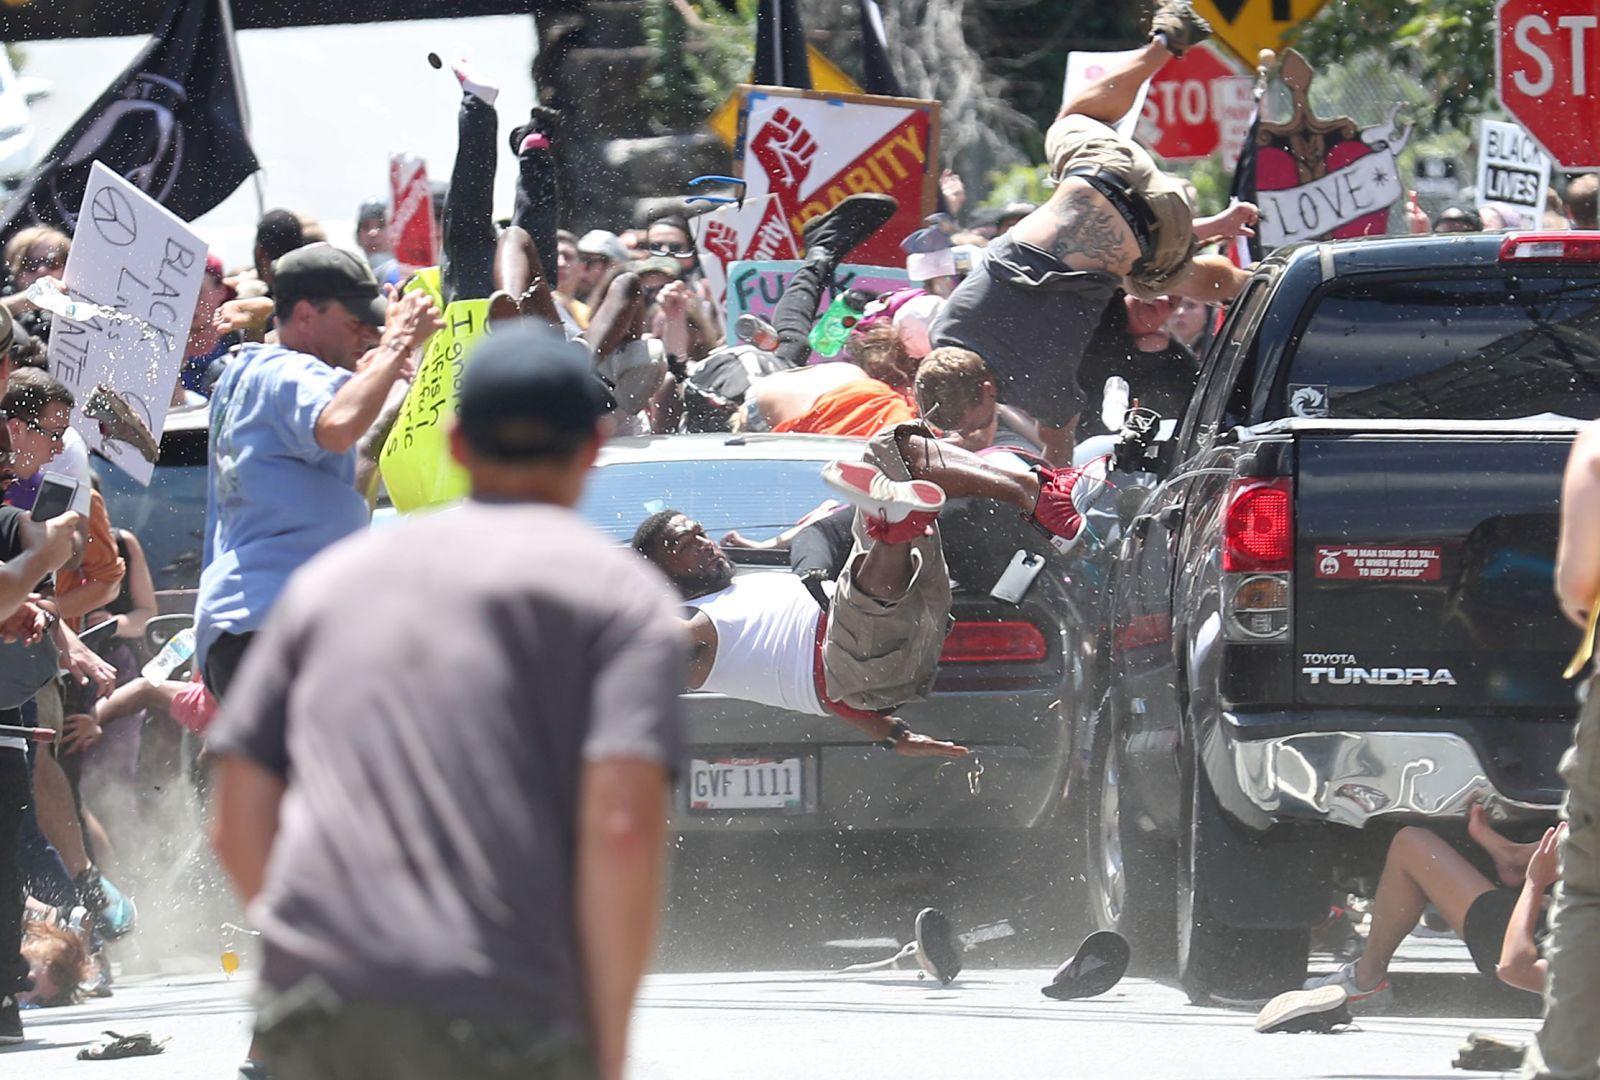 Автомобильная атака, © Райан Келли, США, 2-й приз : одиночный кадр, Фотоконкурс World Press Photo